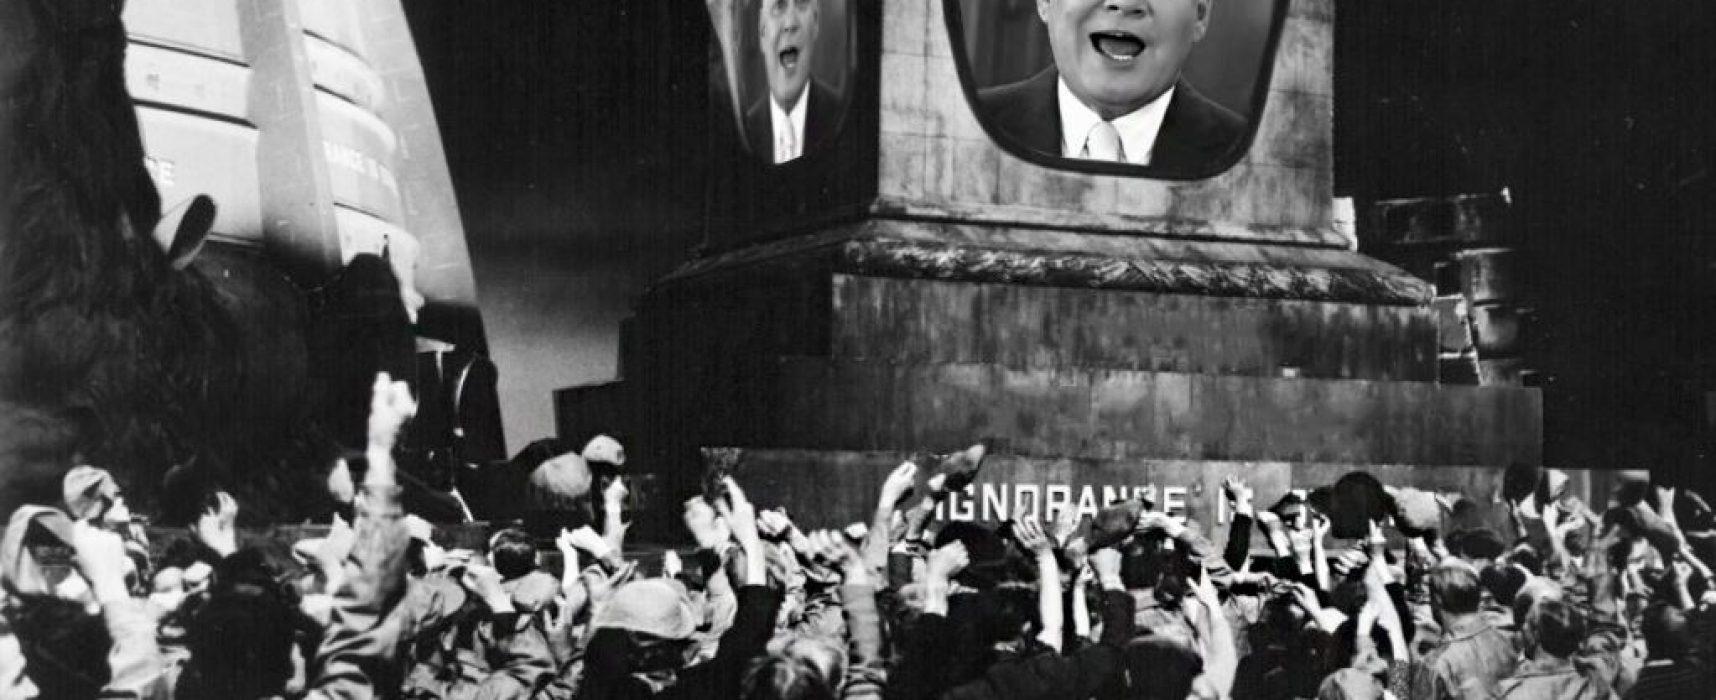 Йозеф Шлерка: Зазеркалье fake news